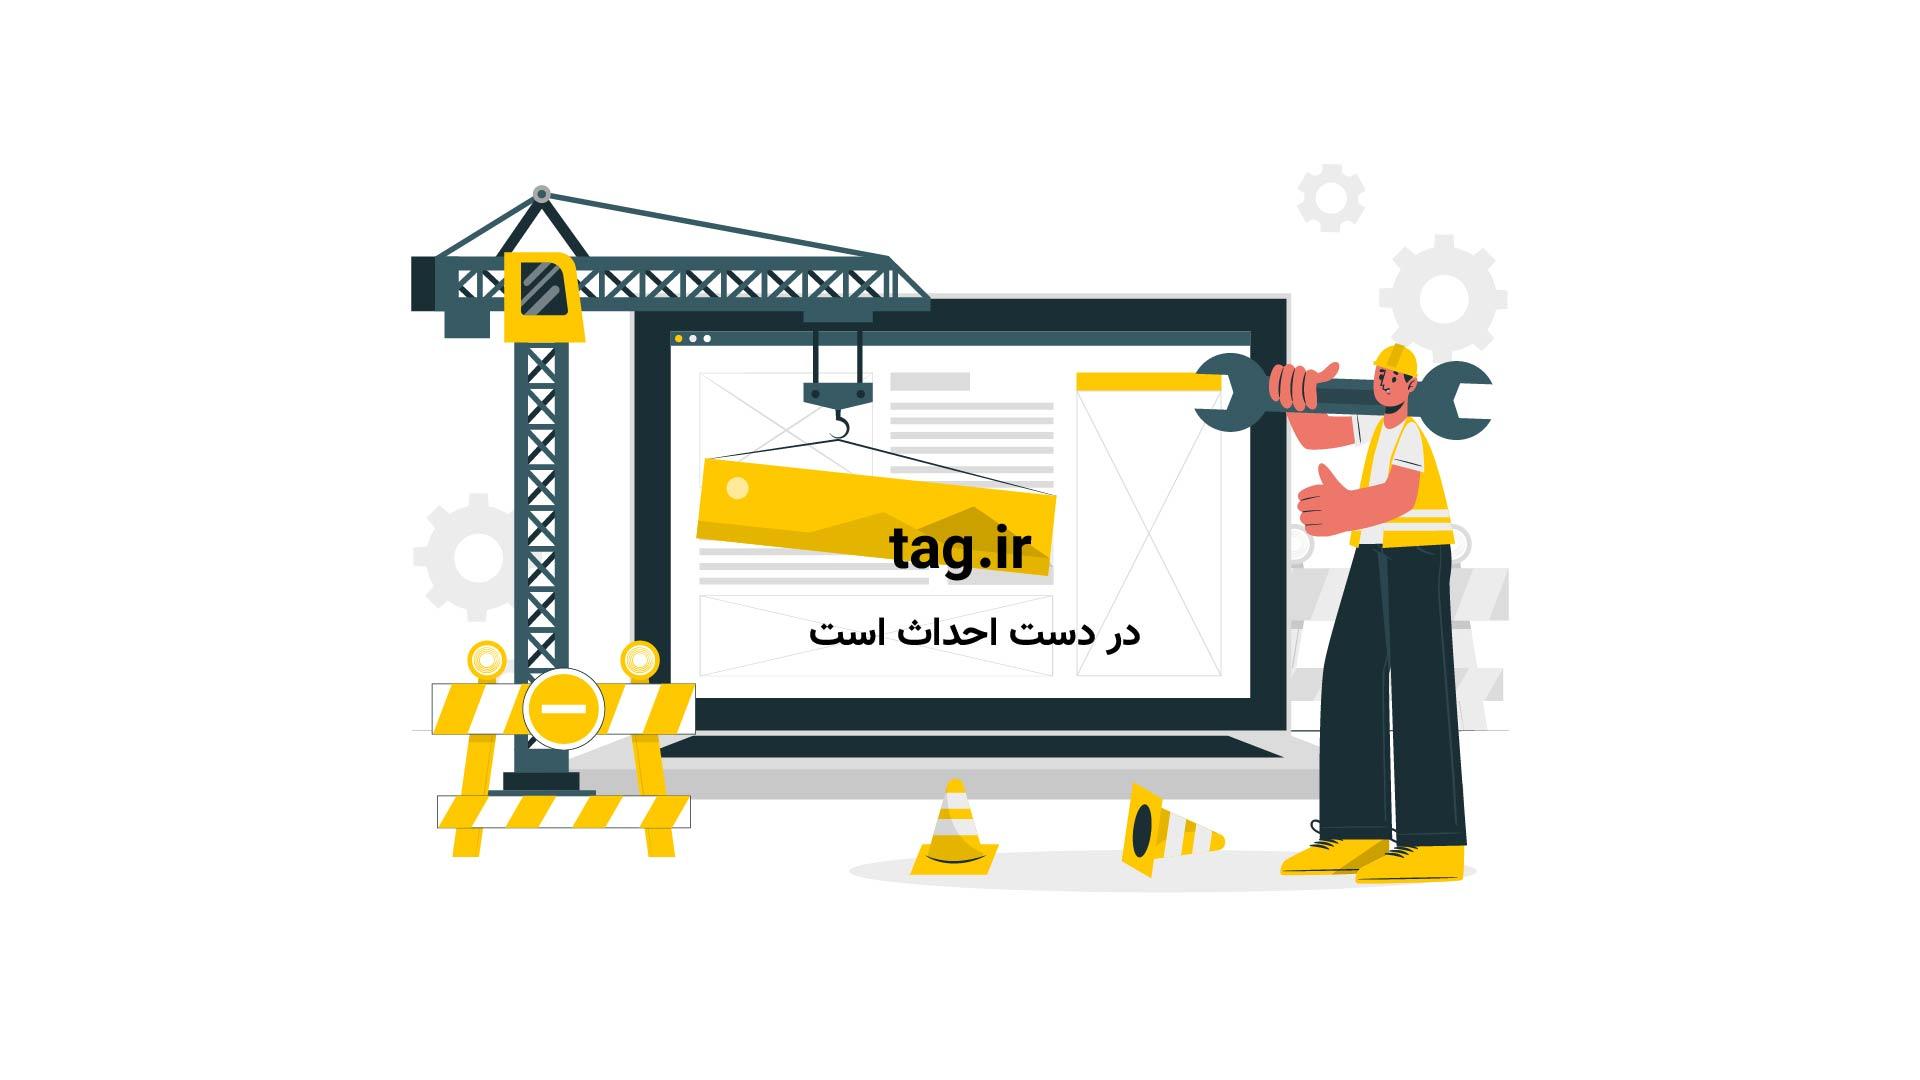 زیباترین اسب ها | تگ